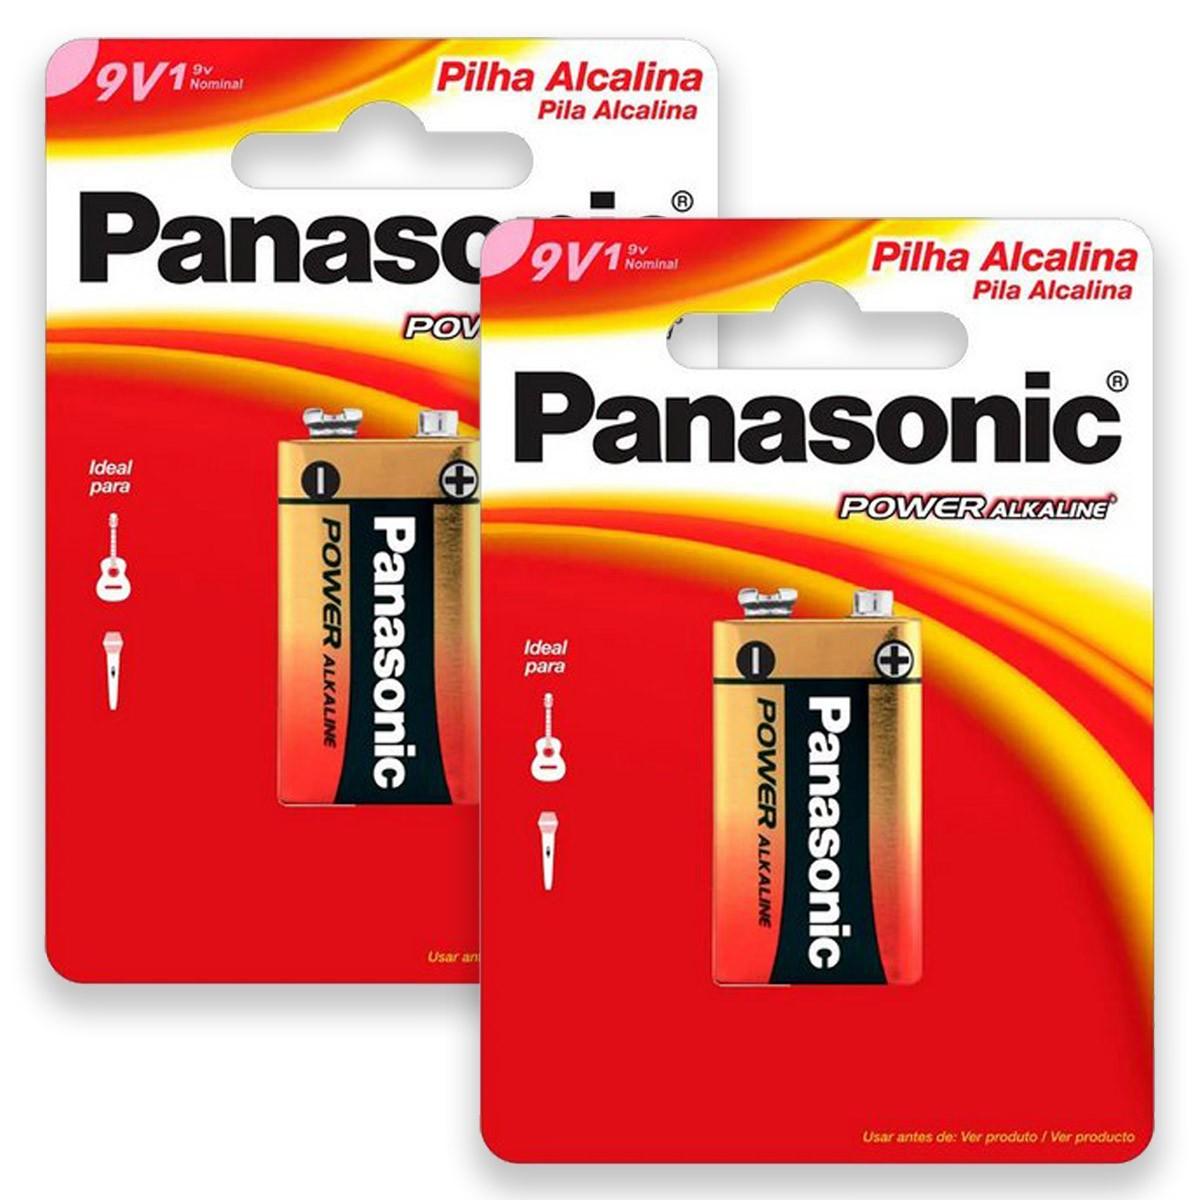 02 Pilhas Baterias 9V Alcalina PANASONIC 2 cartelas